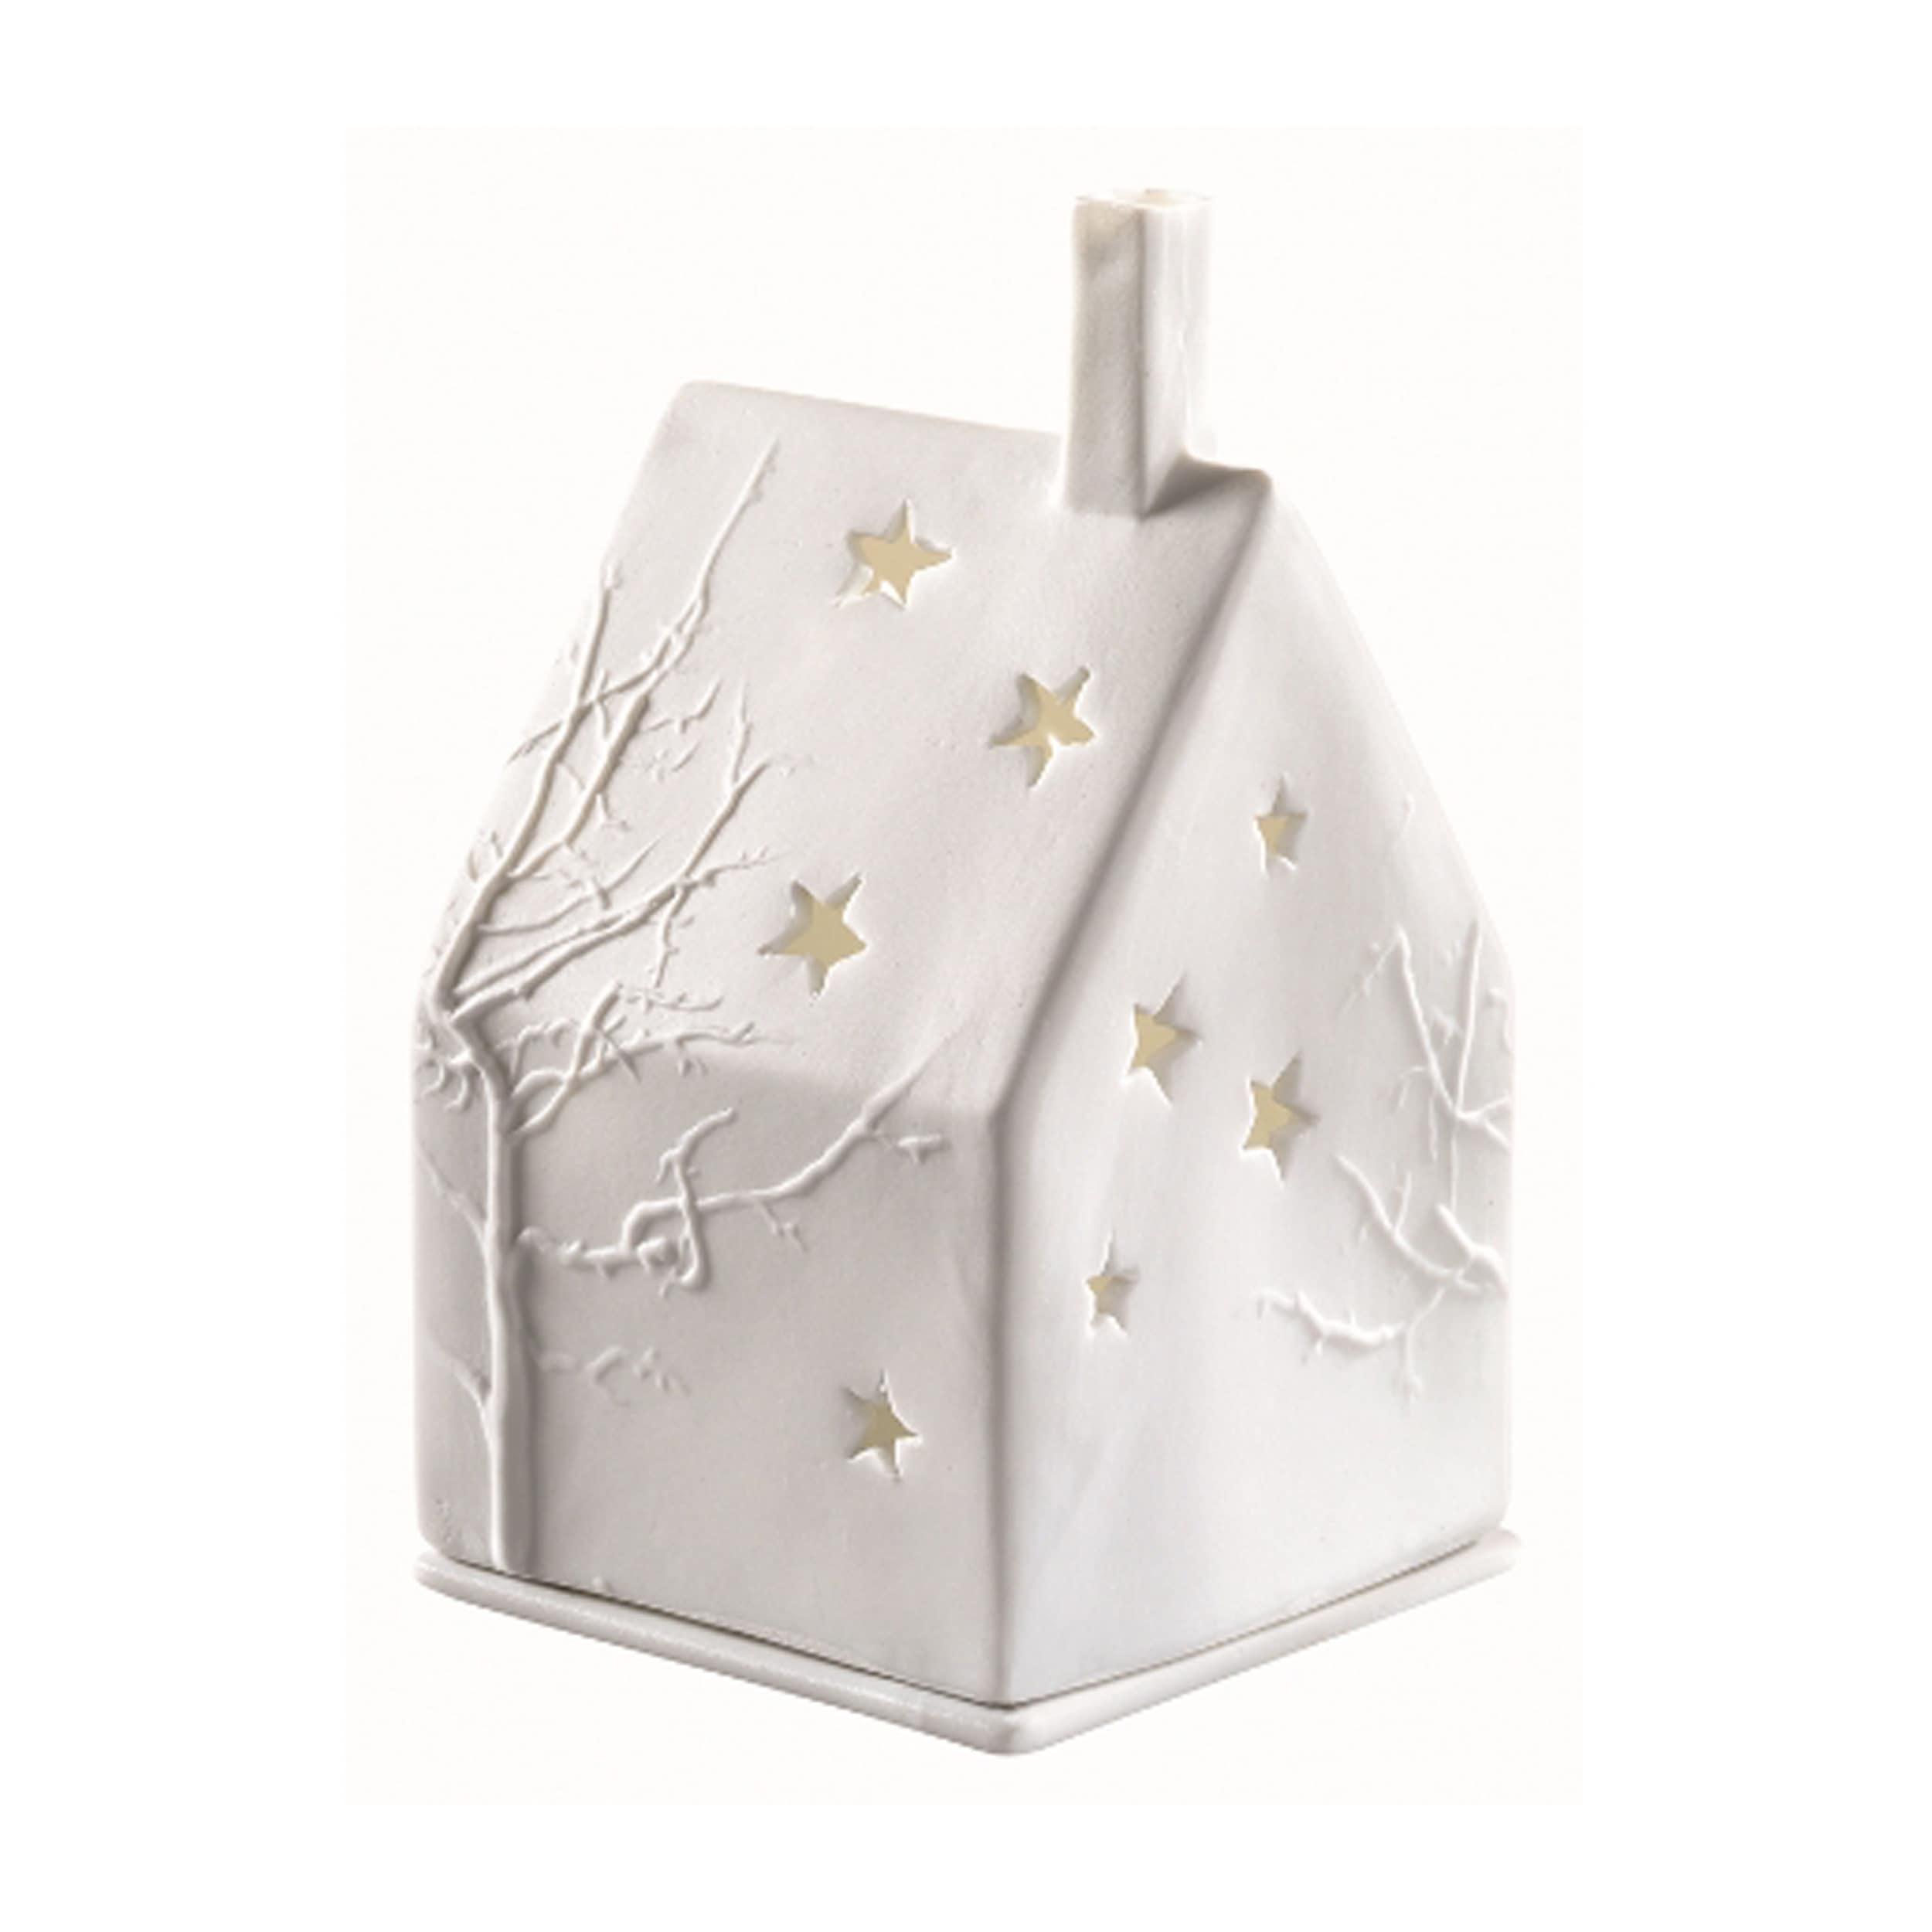 Lichthaus Xmas Baum Sterne Teelichthalter